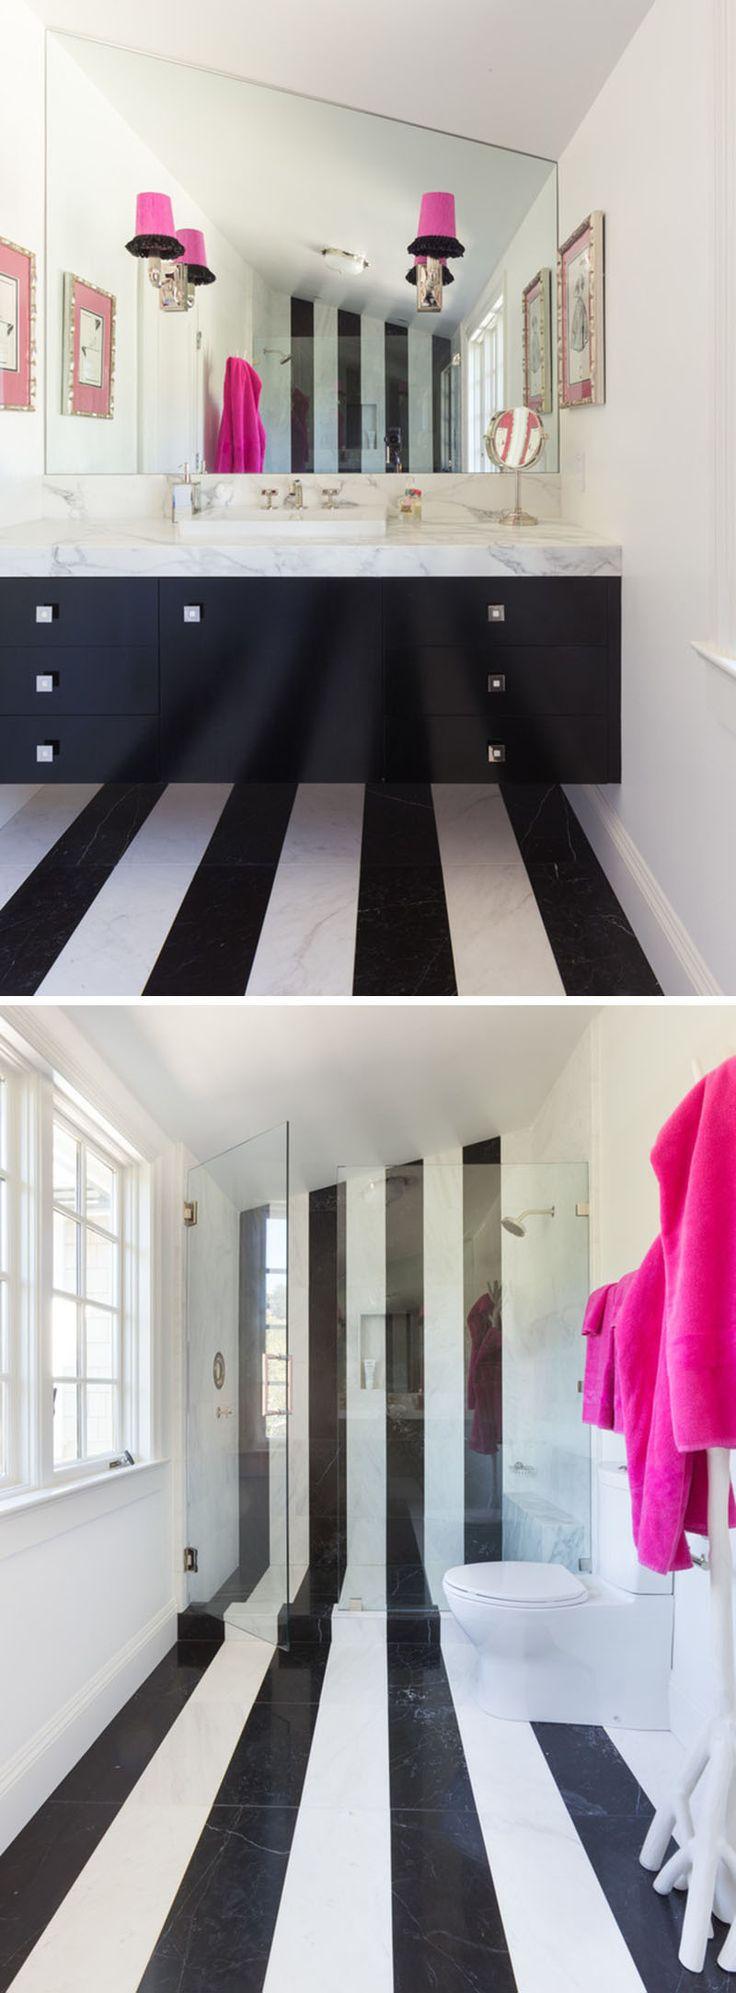 197 best Bathroom images on Pinterest | Bathroom ideas, Bathroom ...